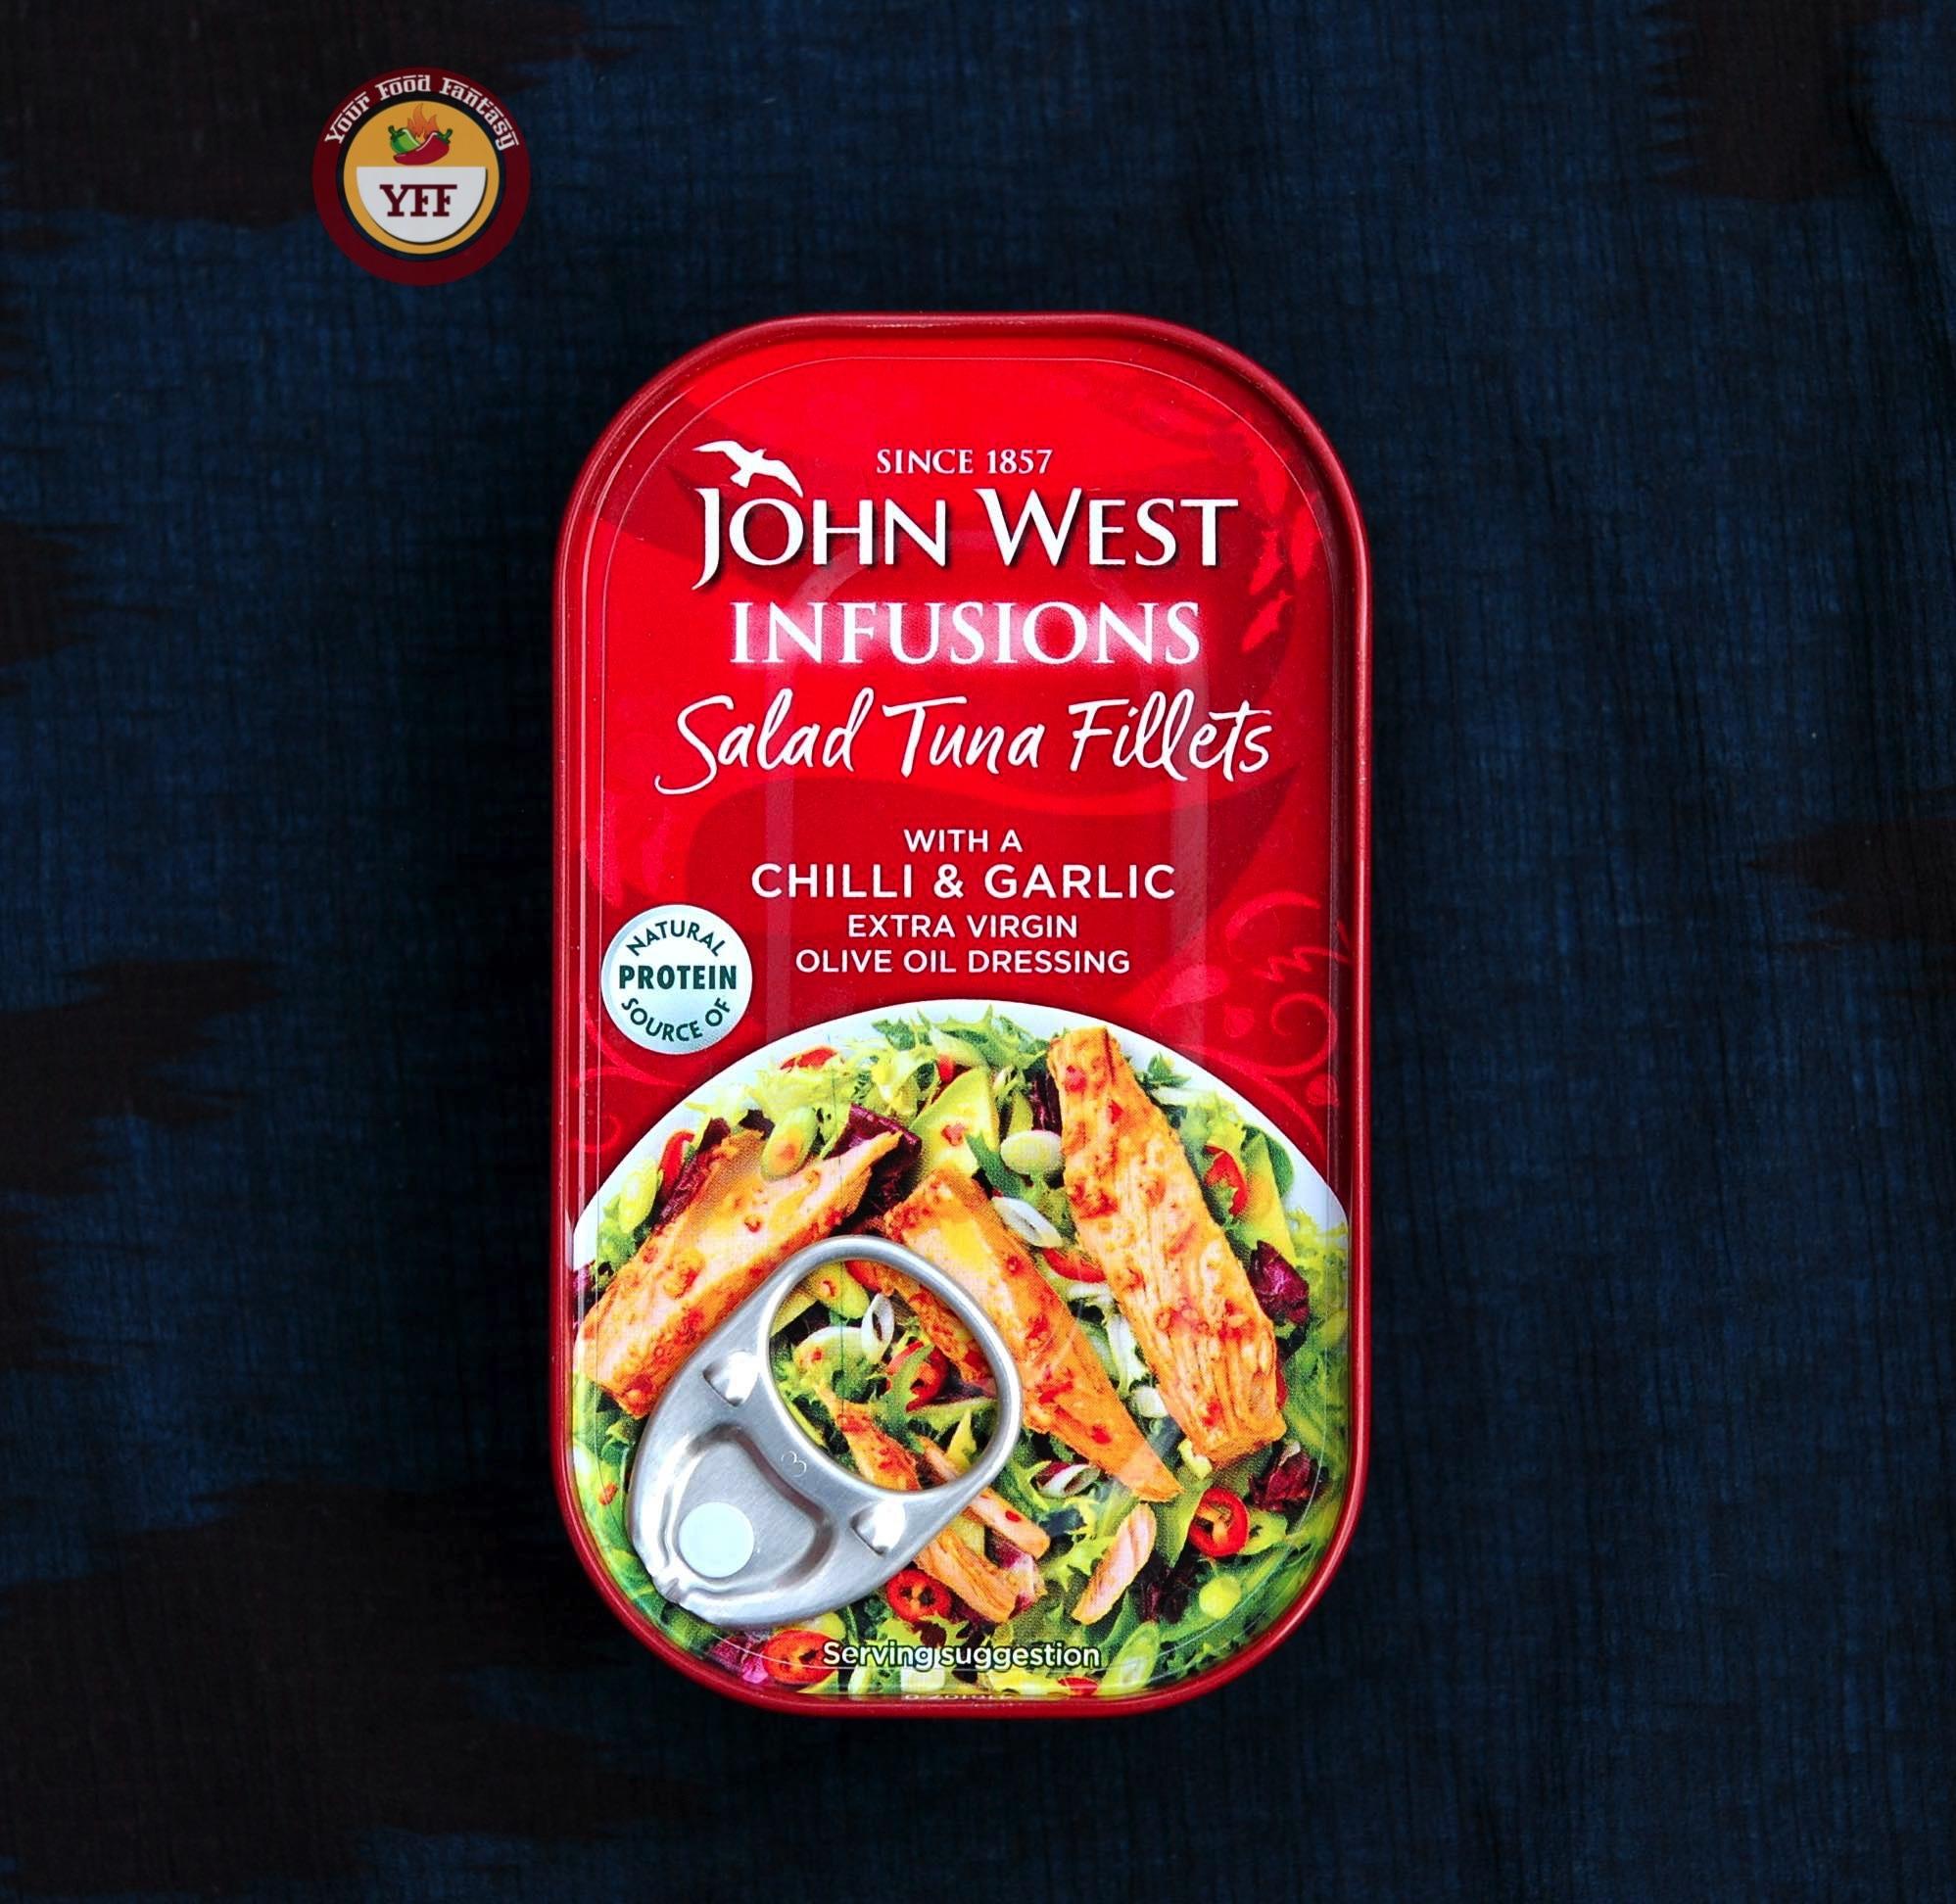 John West Salad Tuna Fillets - DegustaBox August Review